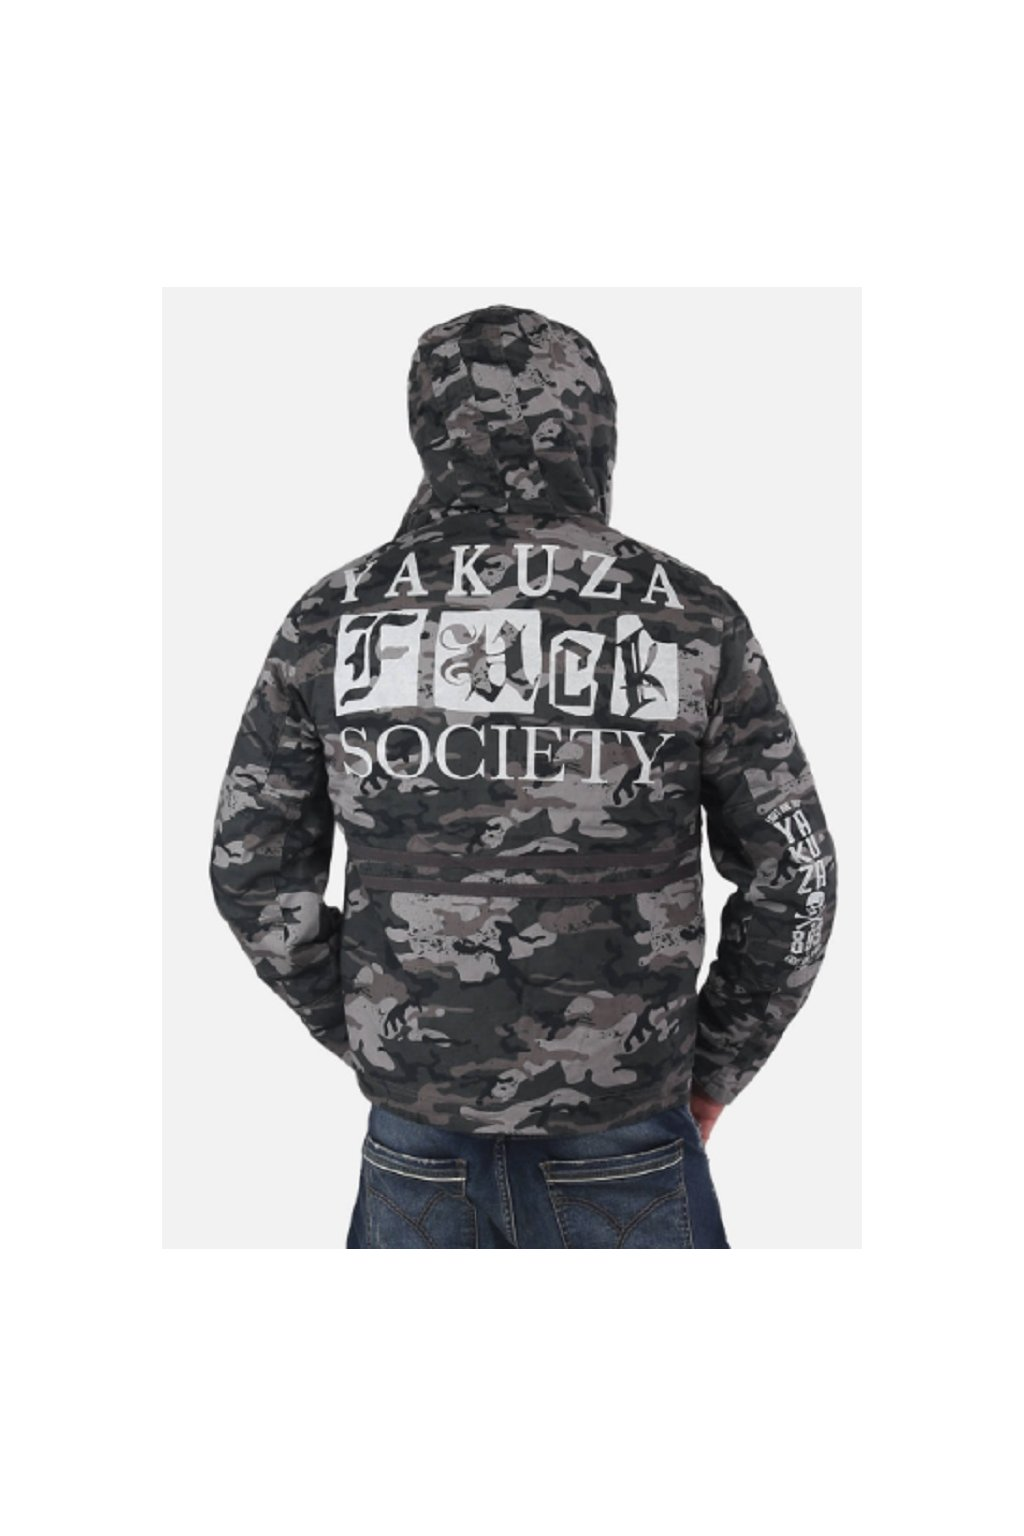 Yakuza pánská zimní bunda Fuck Society Parka WJB 14029 Camo obr1